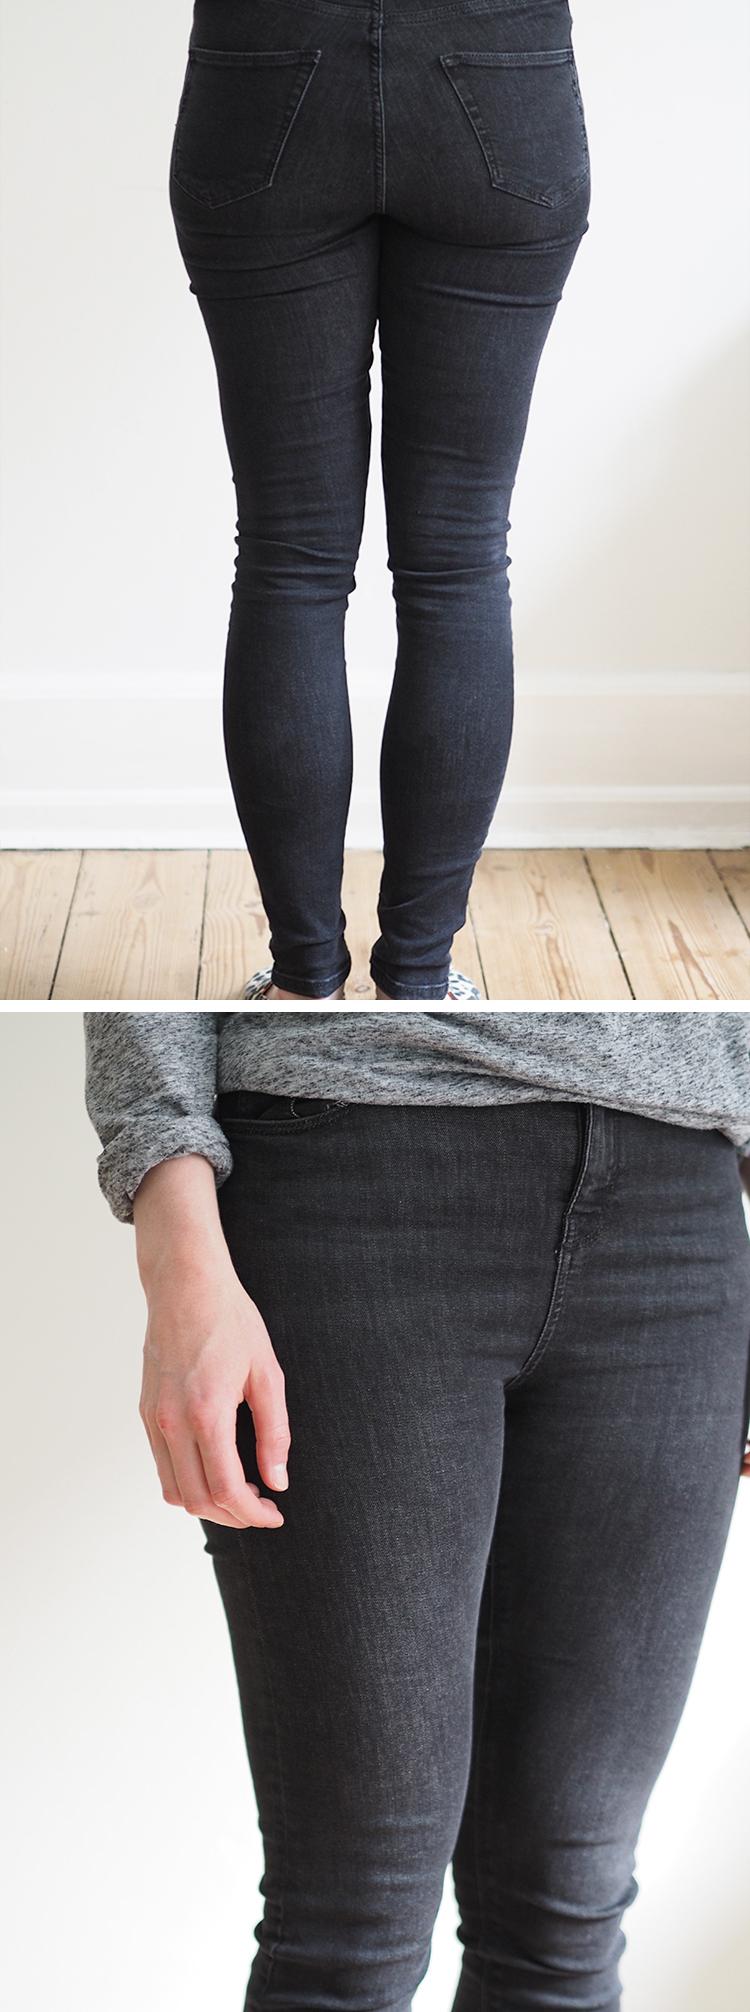 topshop-jamie-skinny-jeans-grey